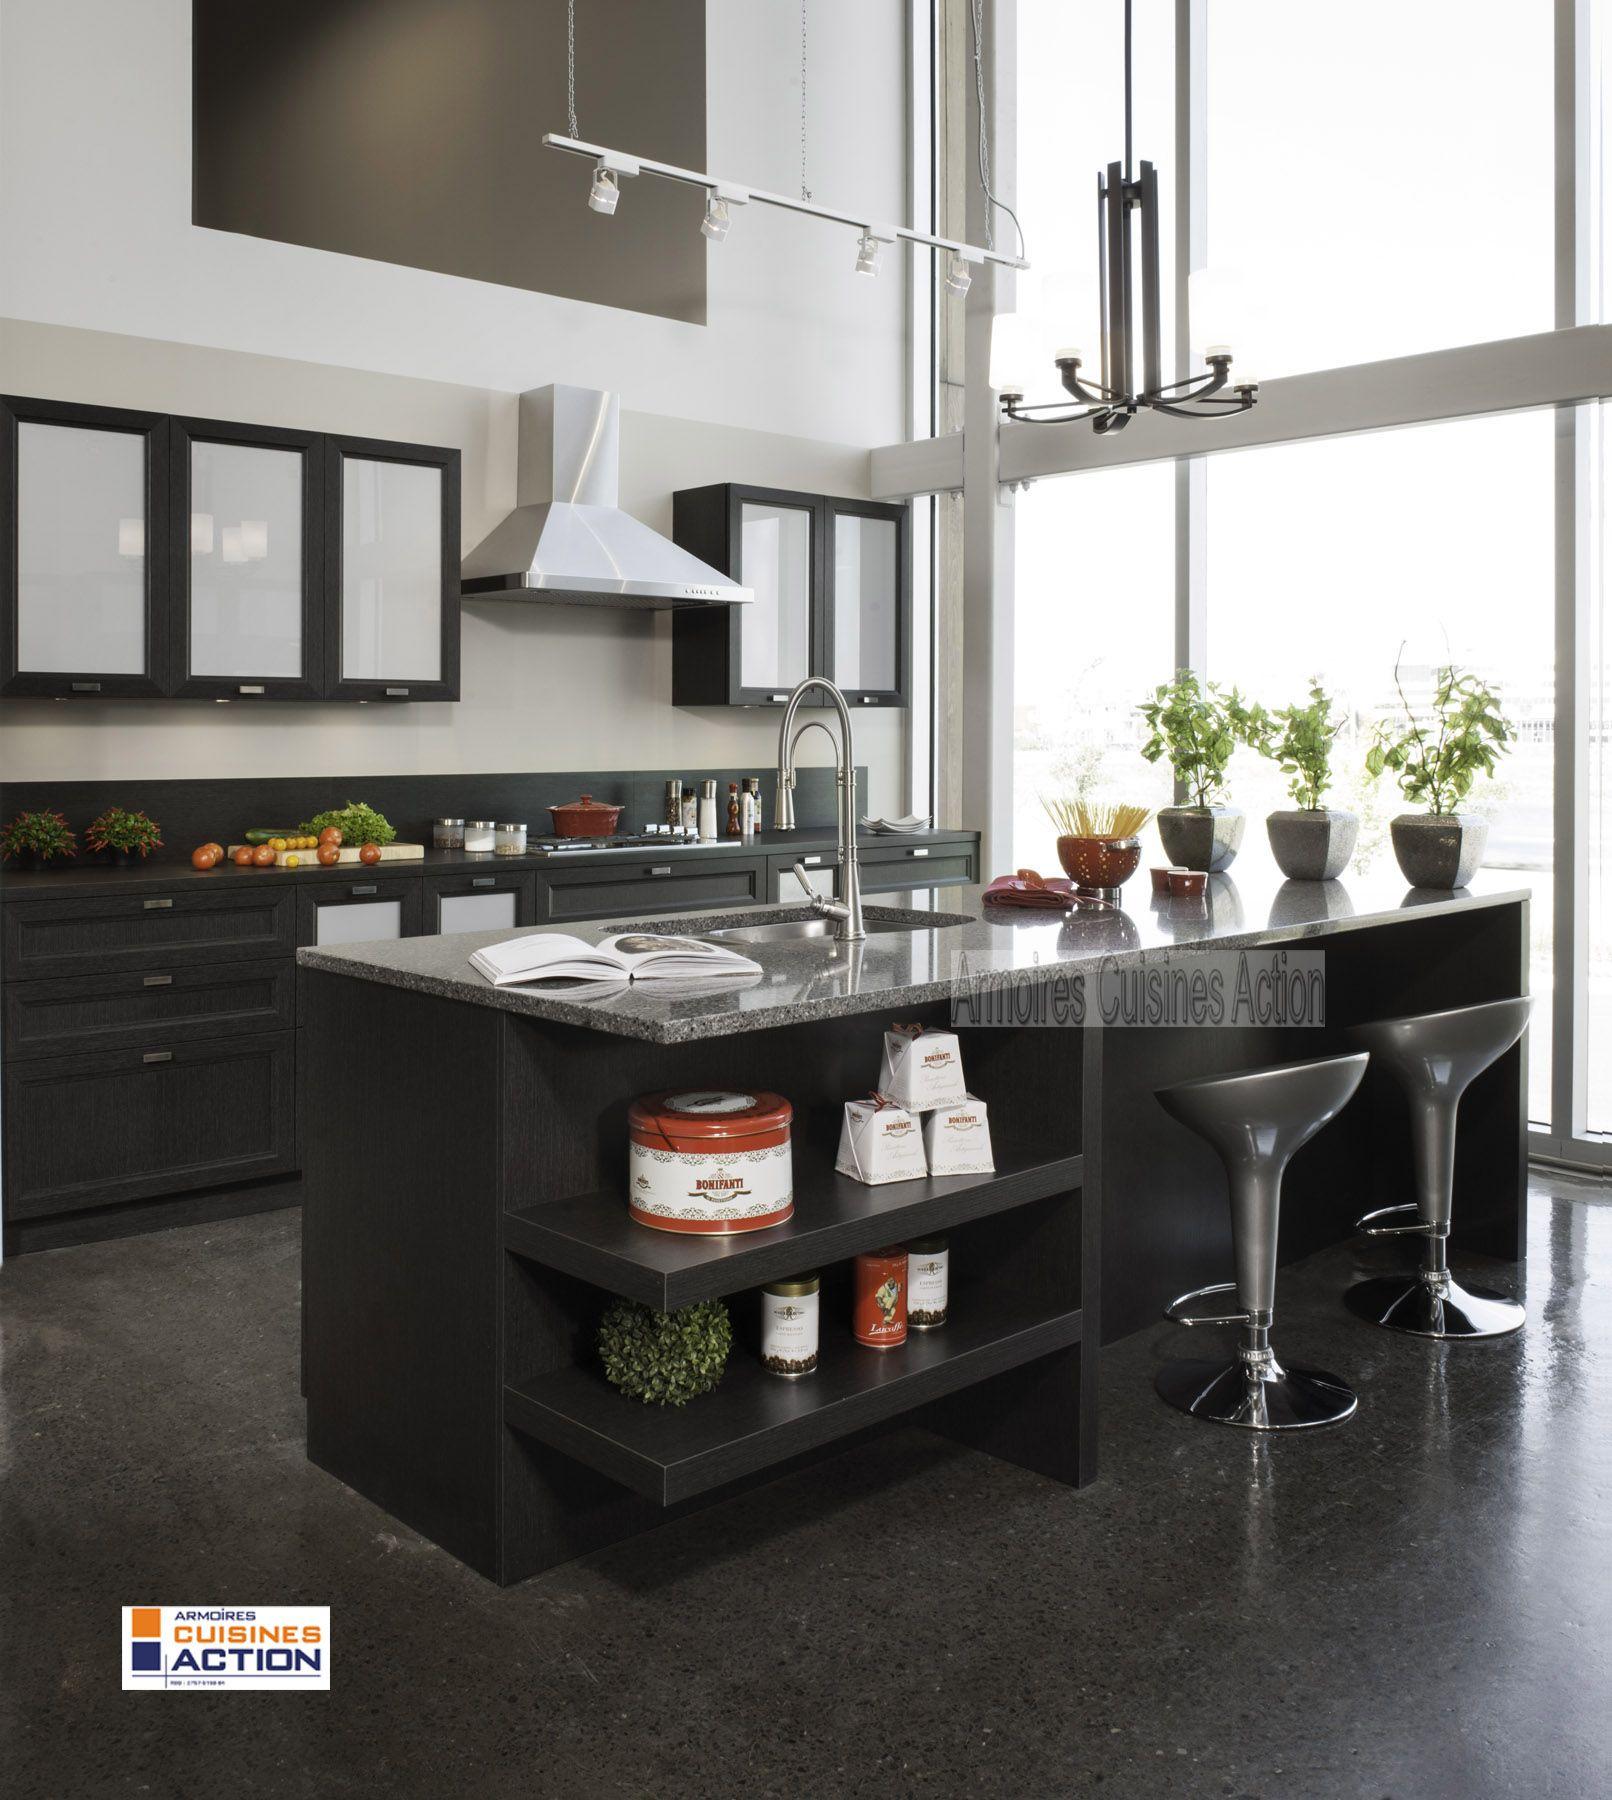 Travail Kitchen: Inspiration Italienne Cette Cuisine Bella Cuccina Vous